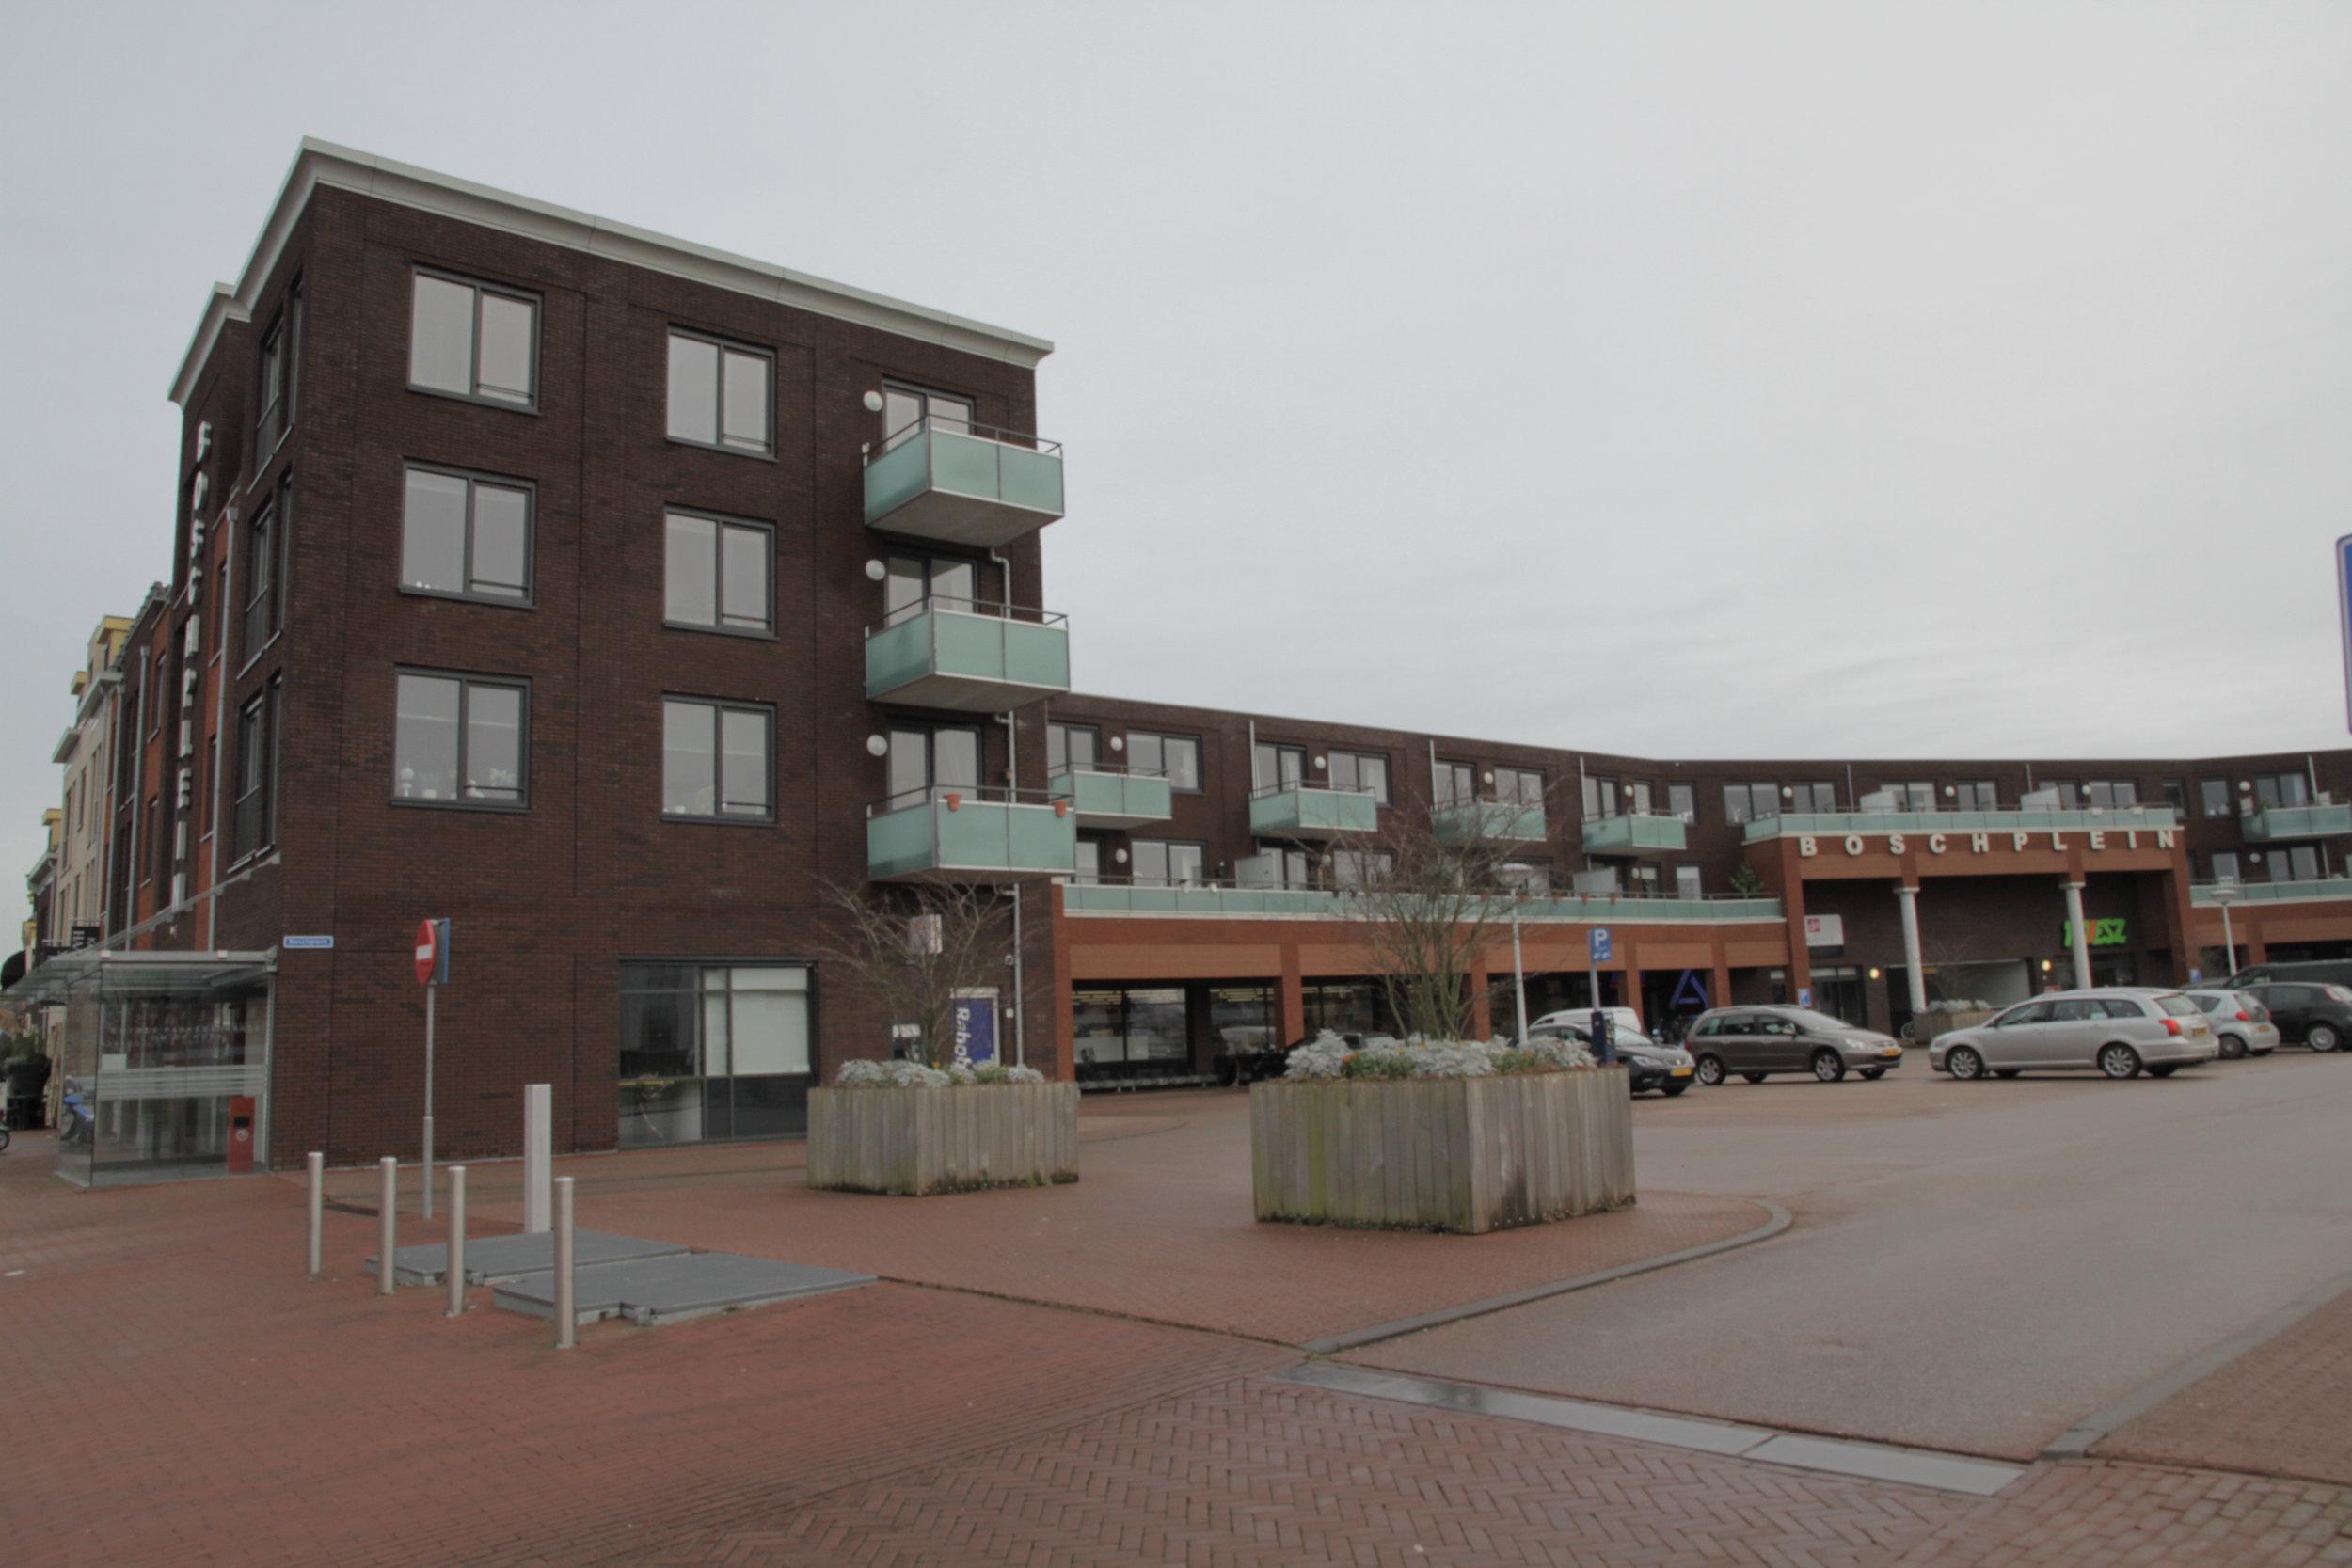 Woningbouw projectmatig Boschplein Sneek-01.jpg